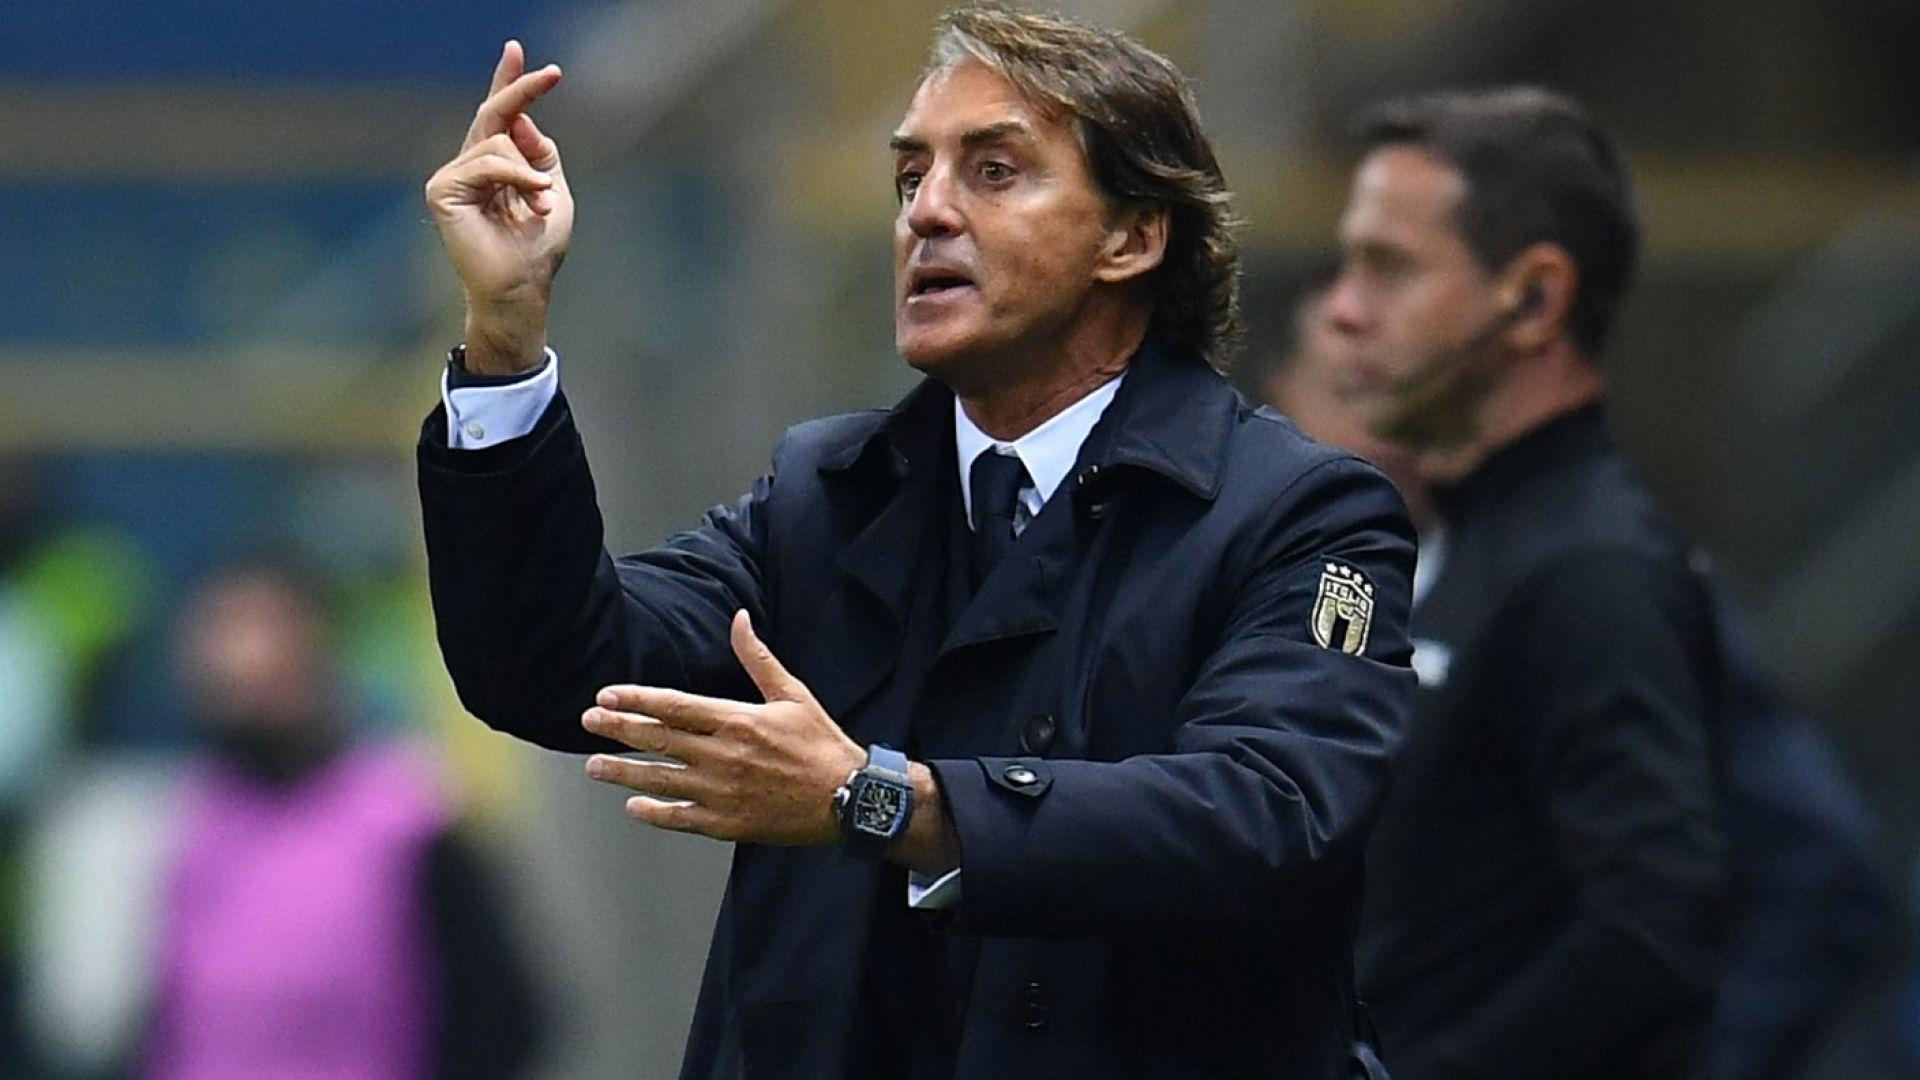 """Италия се поклони на Манчини - сравни го с Клоп и Гуардиола, а отборът му е """"машина"""""""